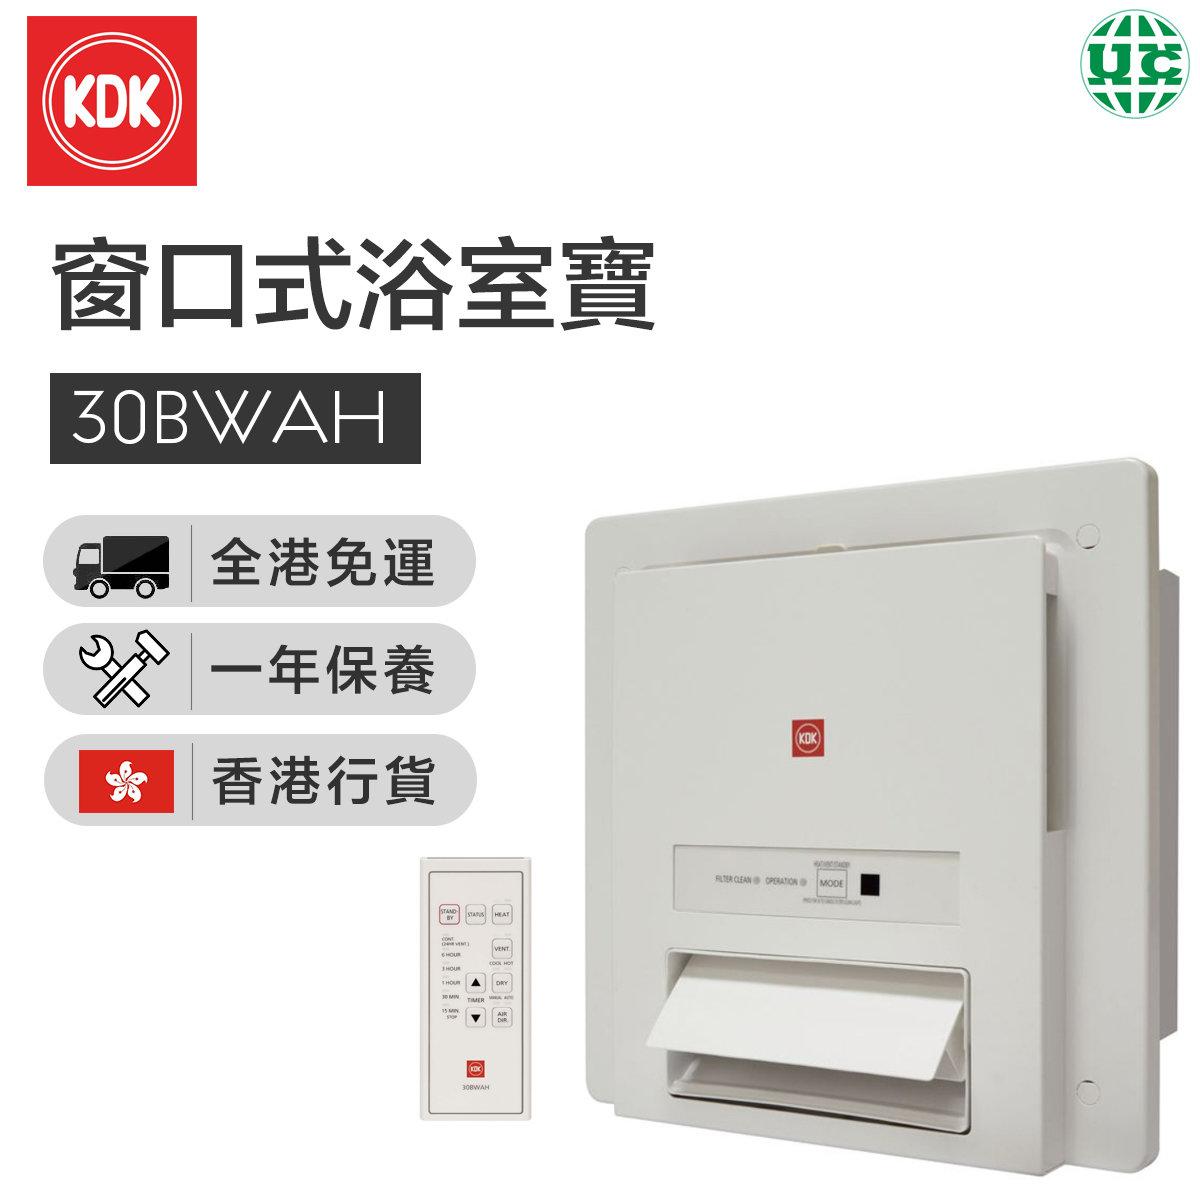 30BWAH window bathroom treasure (Hong Kong licensed)